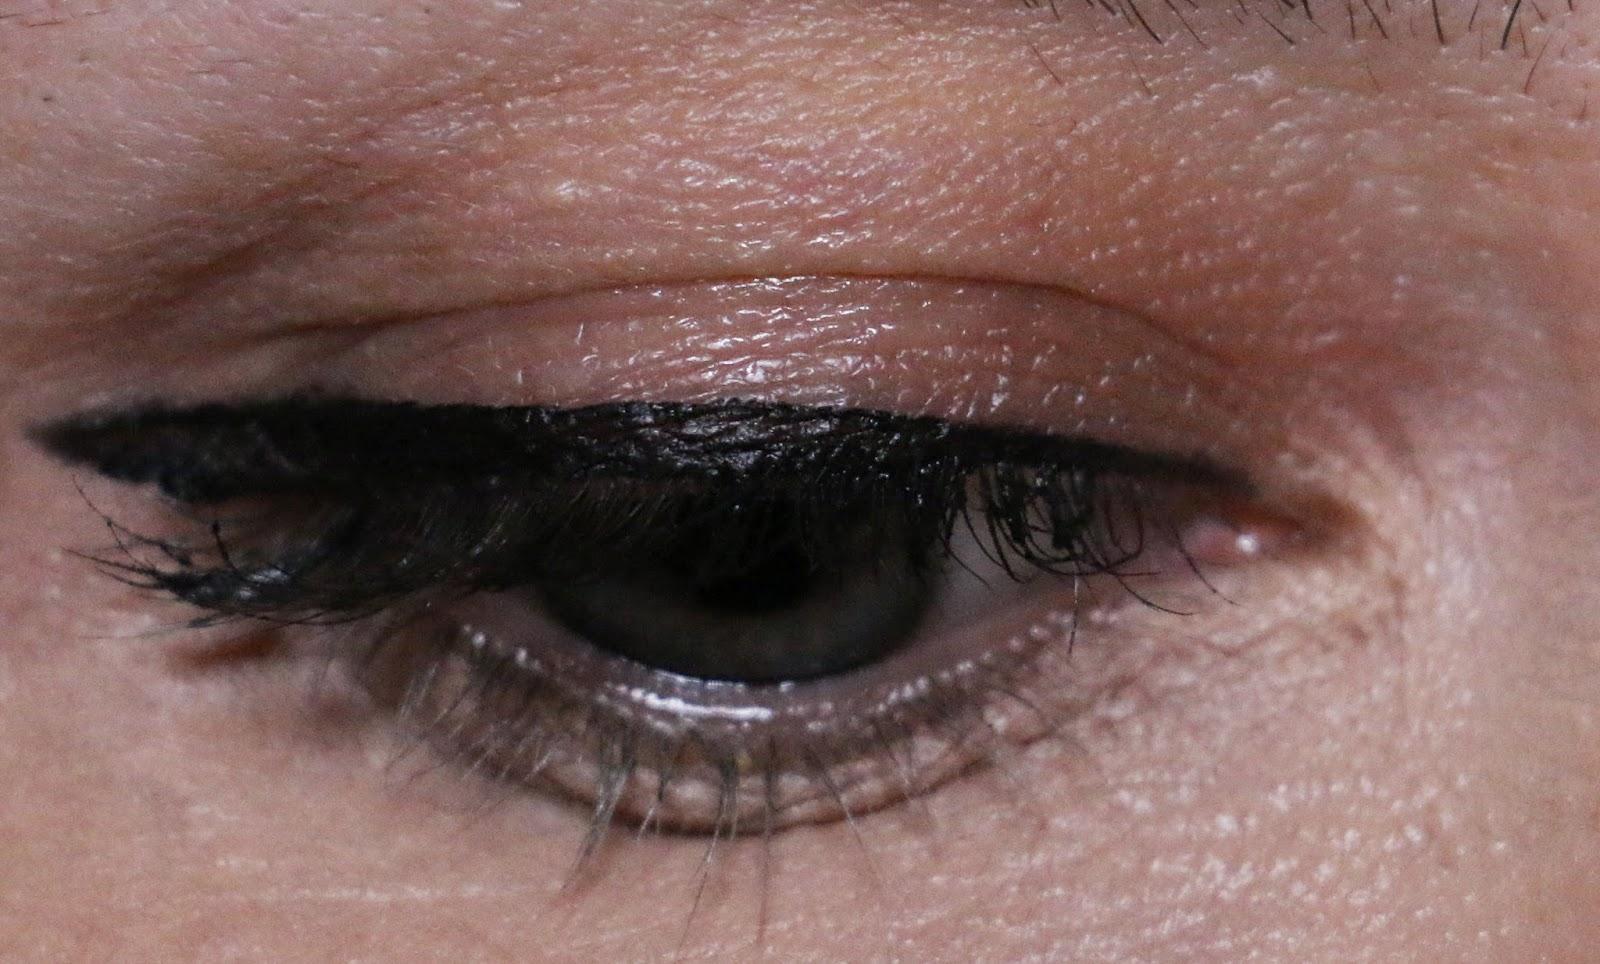 revlon -  watsons -  revlon türkiyede -  akmayan göz kalemi -  akmayan eyeliner - gel eyeliner - bulaşmayan eyeliner - simsiyah duran eyeliner - watsonsdan alınacaklar - revlon ülkemizde - revlon gel eyeliner